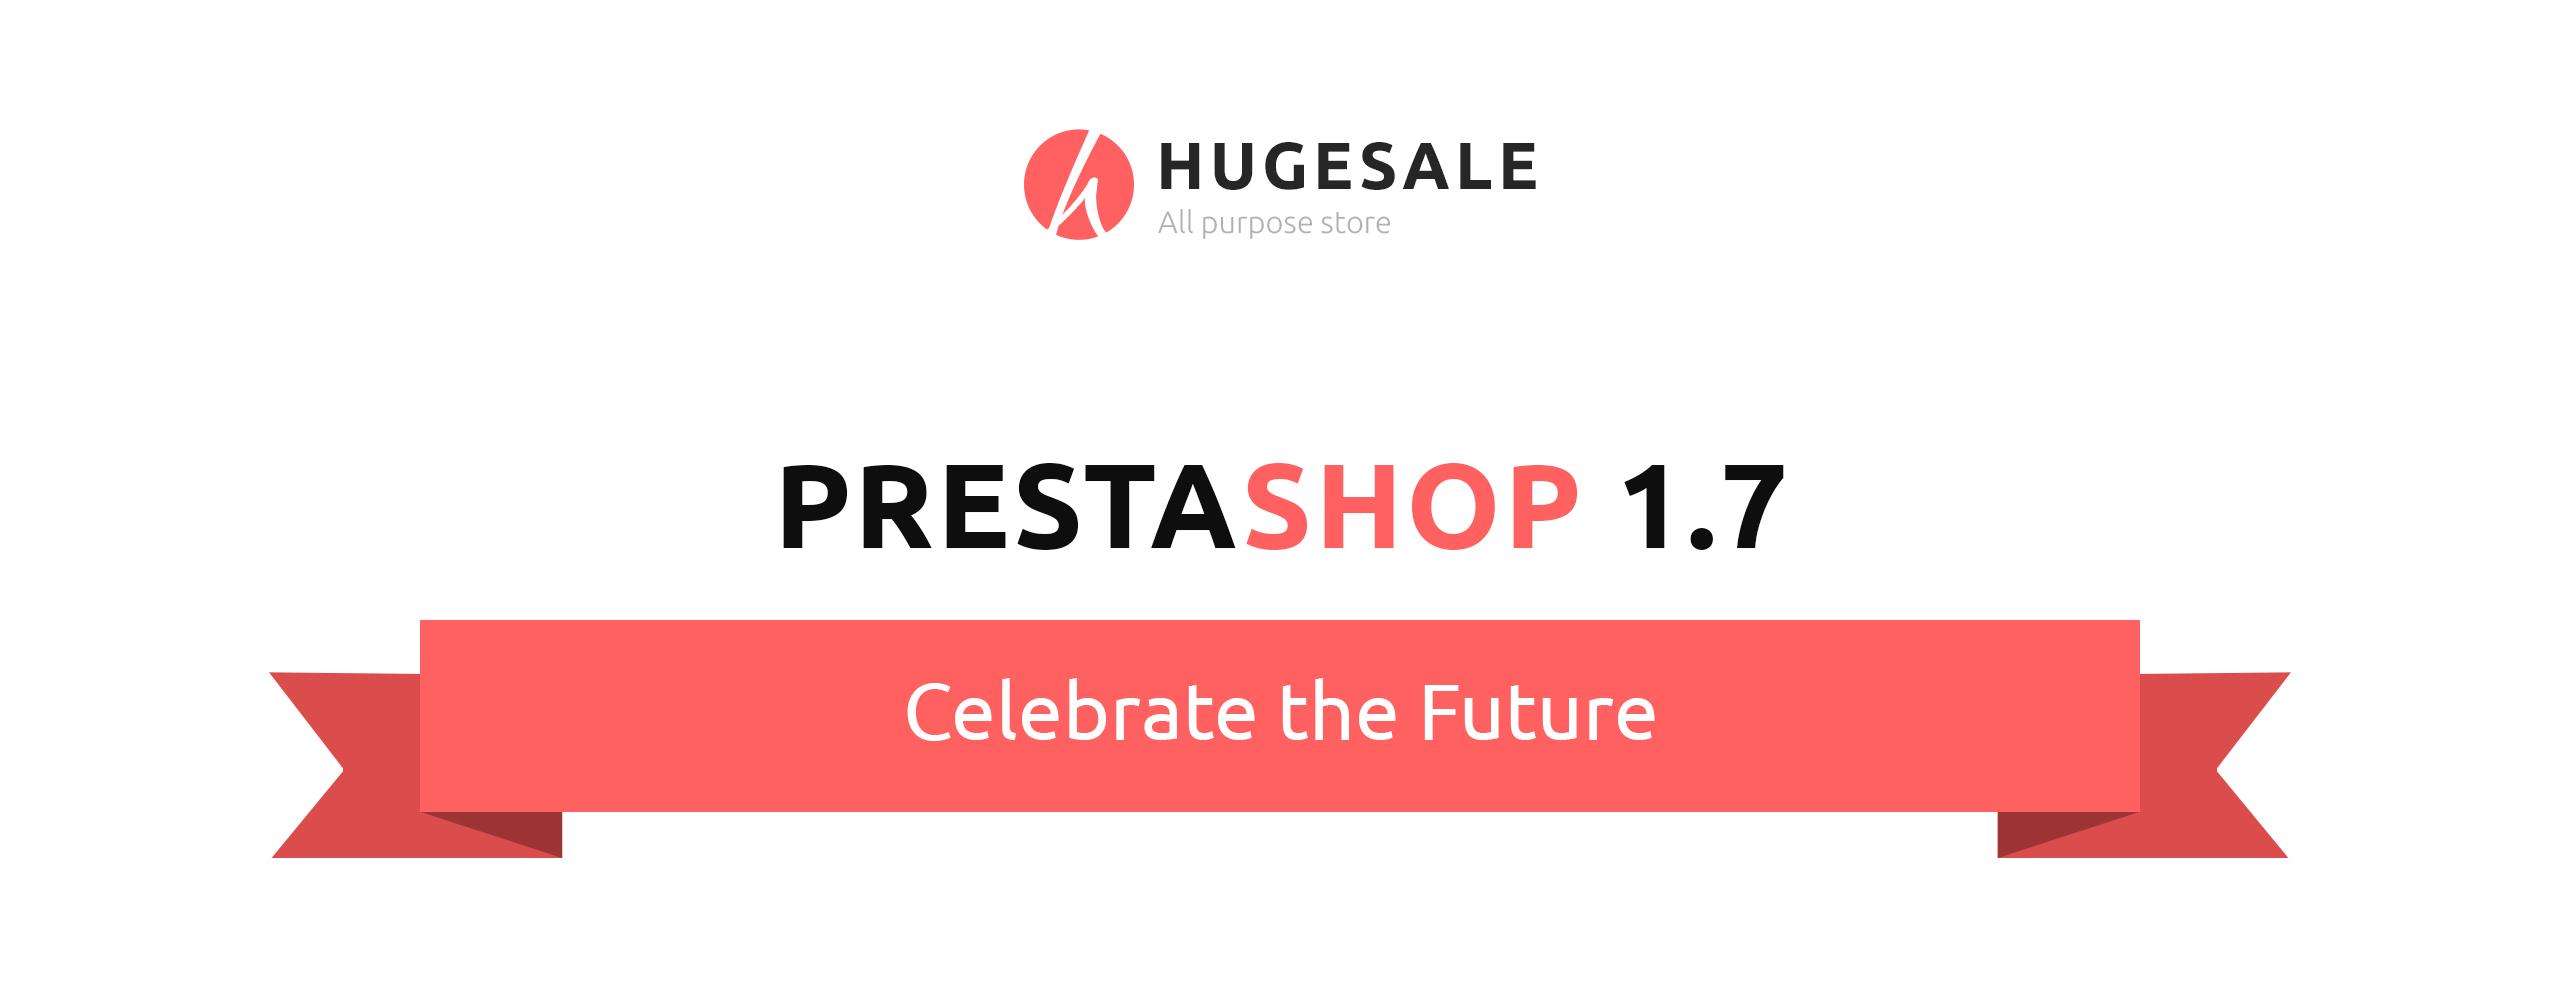 Hugesale PrestaShop Theme